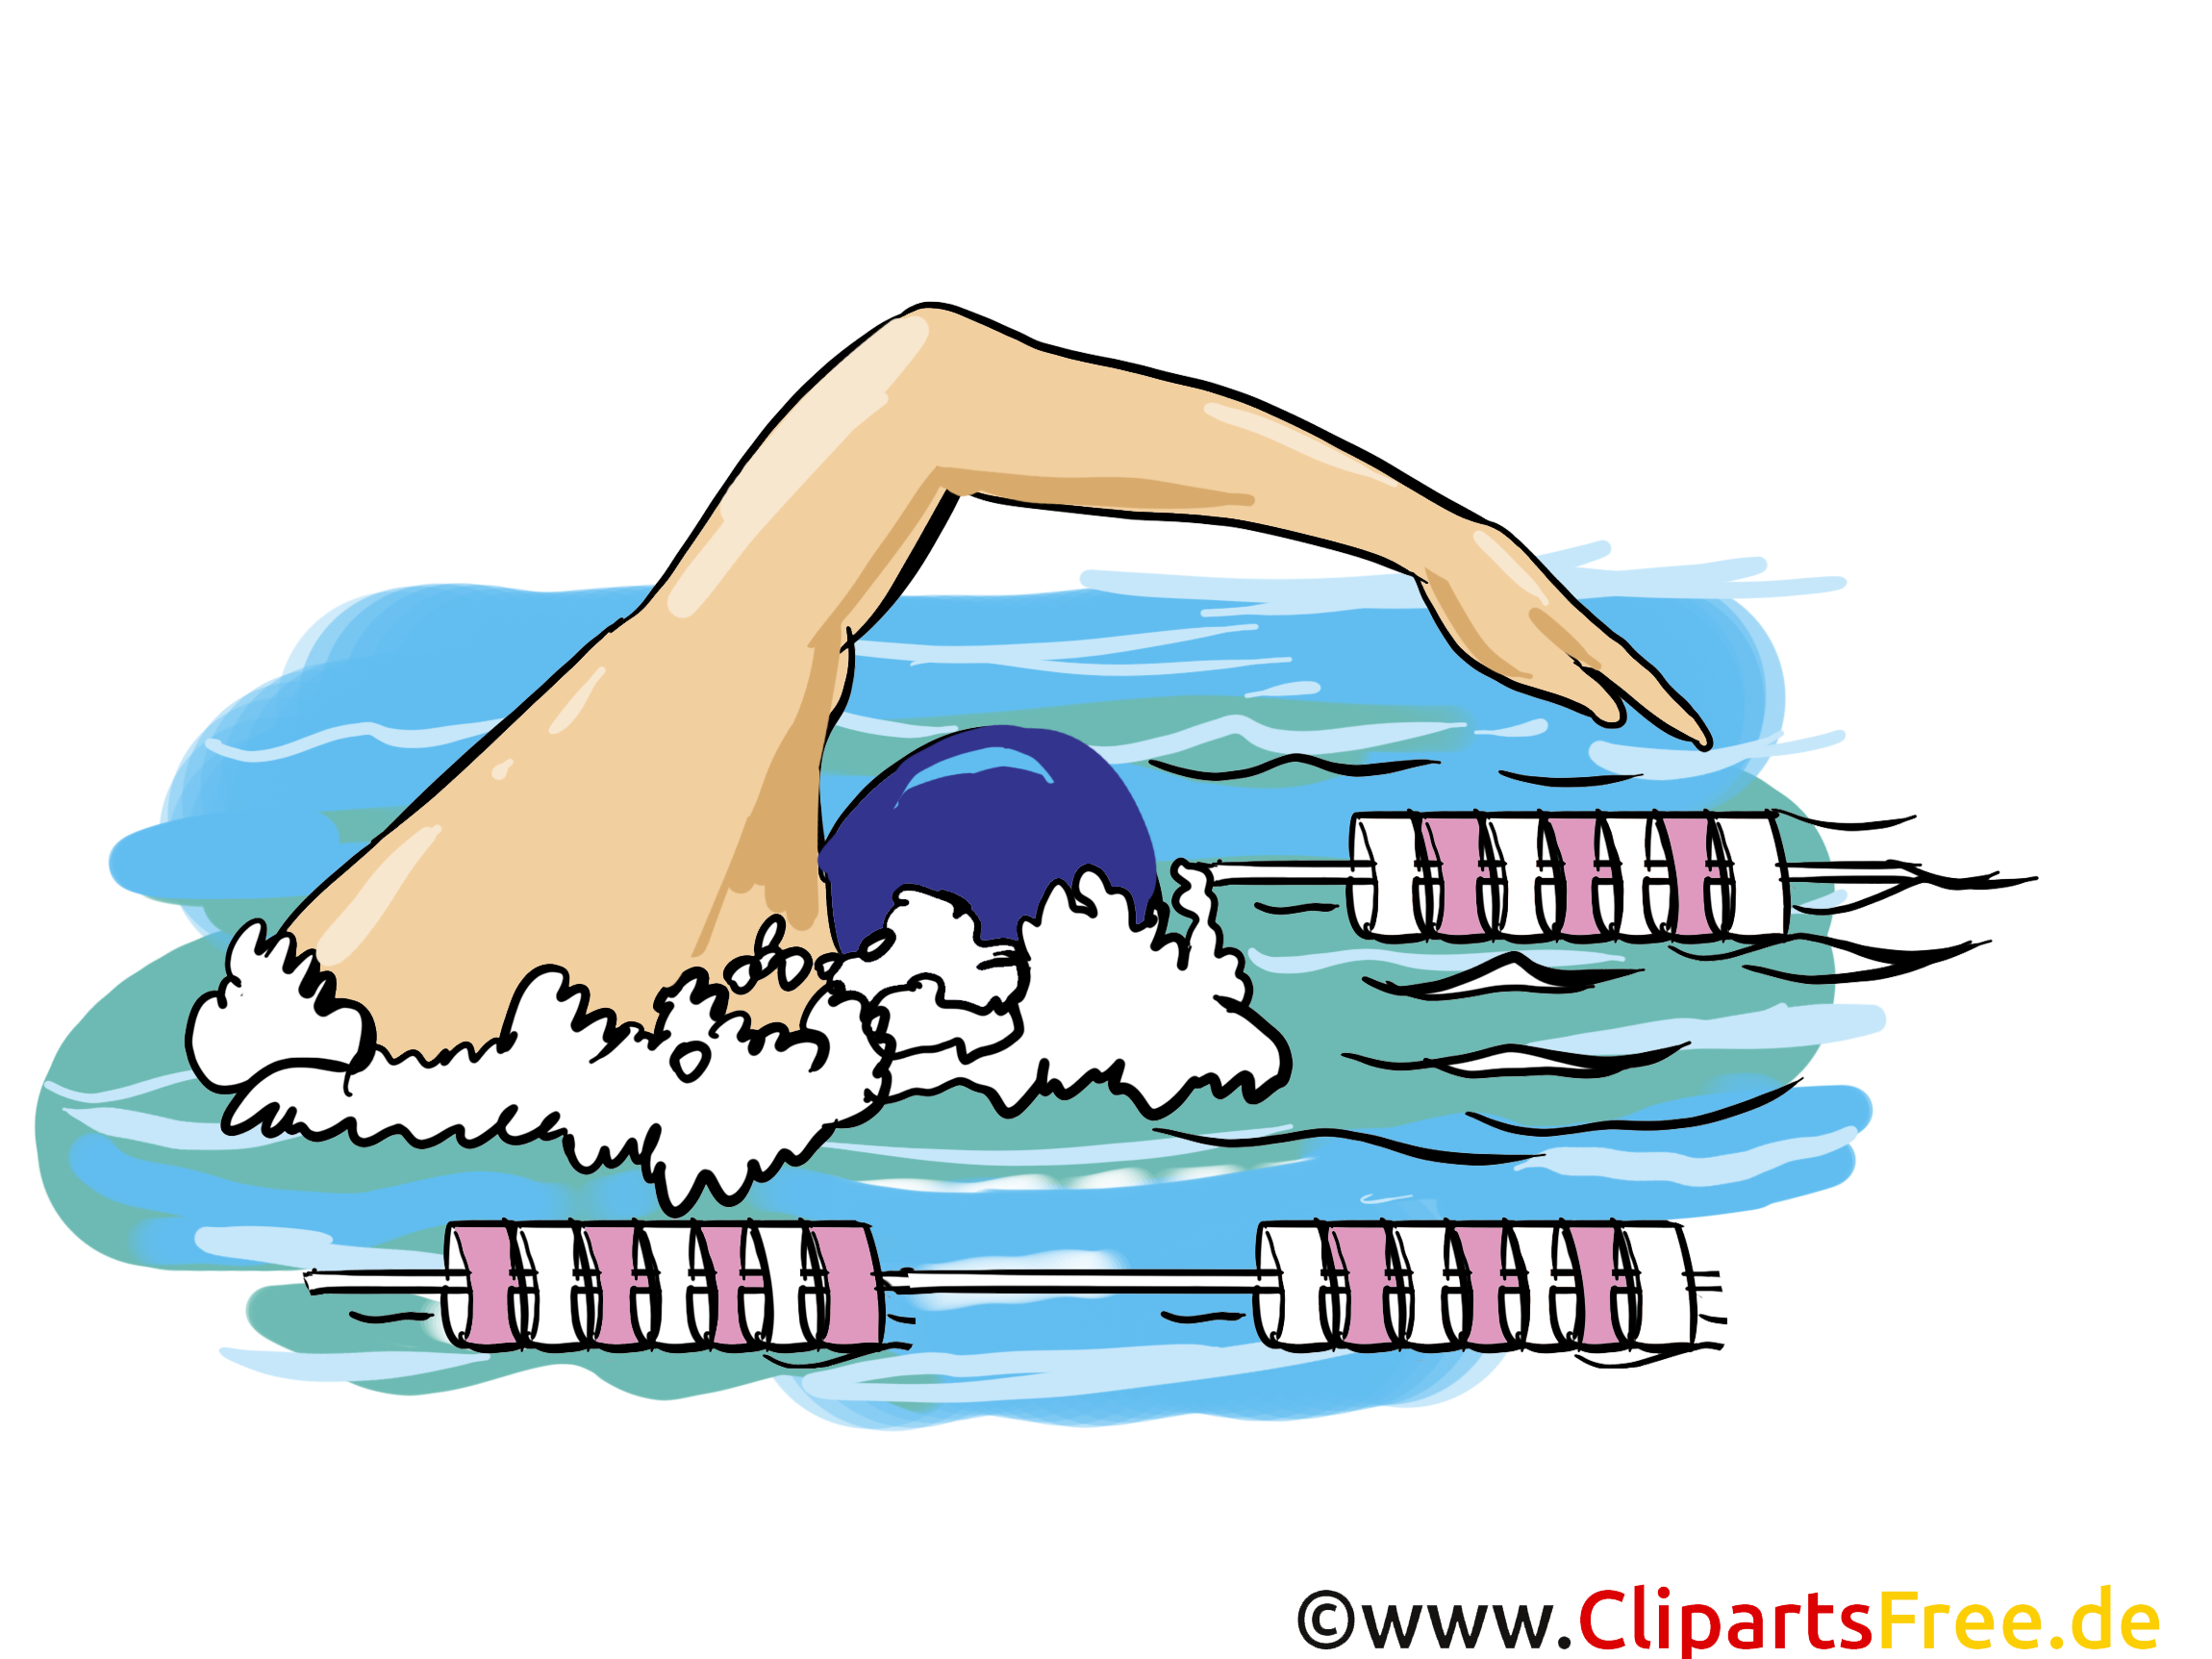 schwimmen kartenspiel kostenlos downloaden